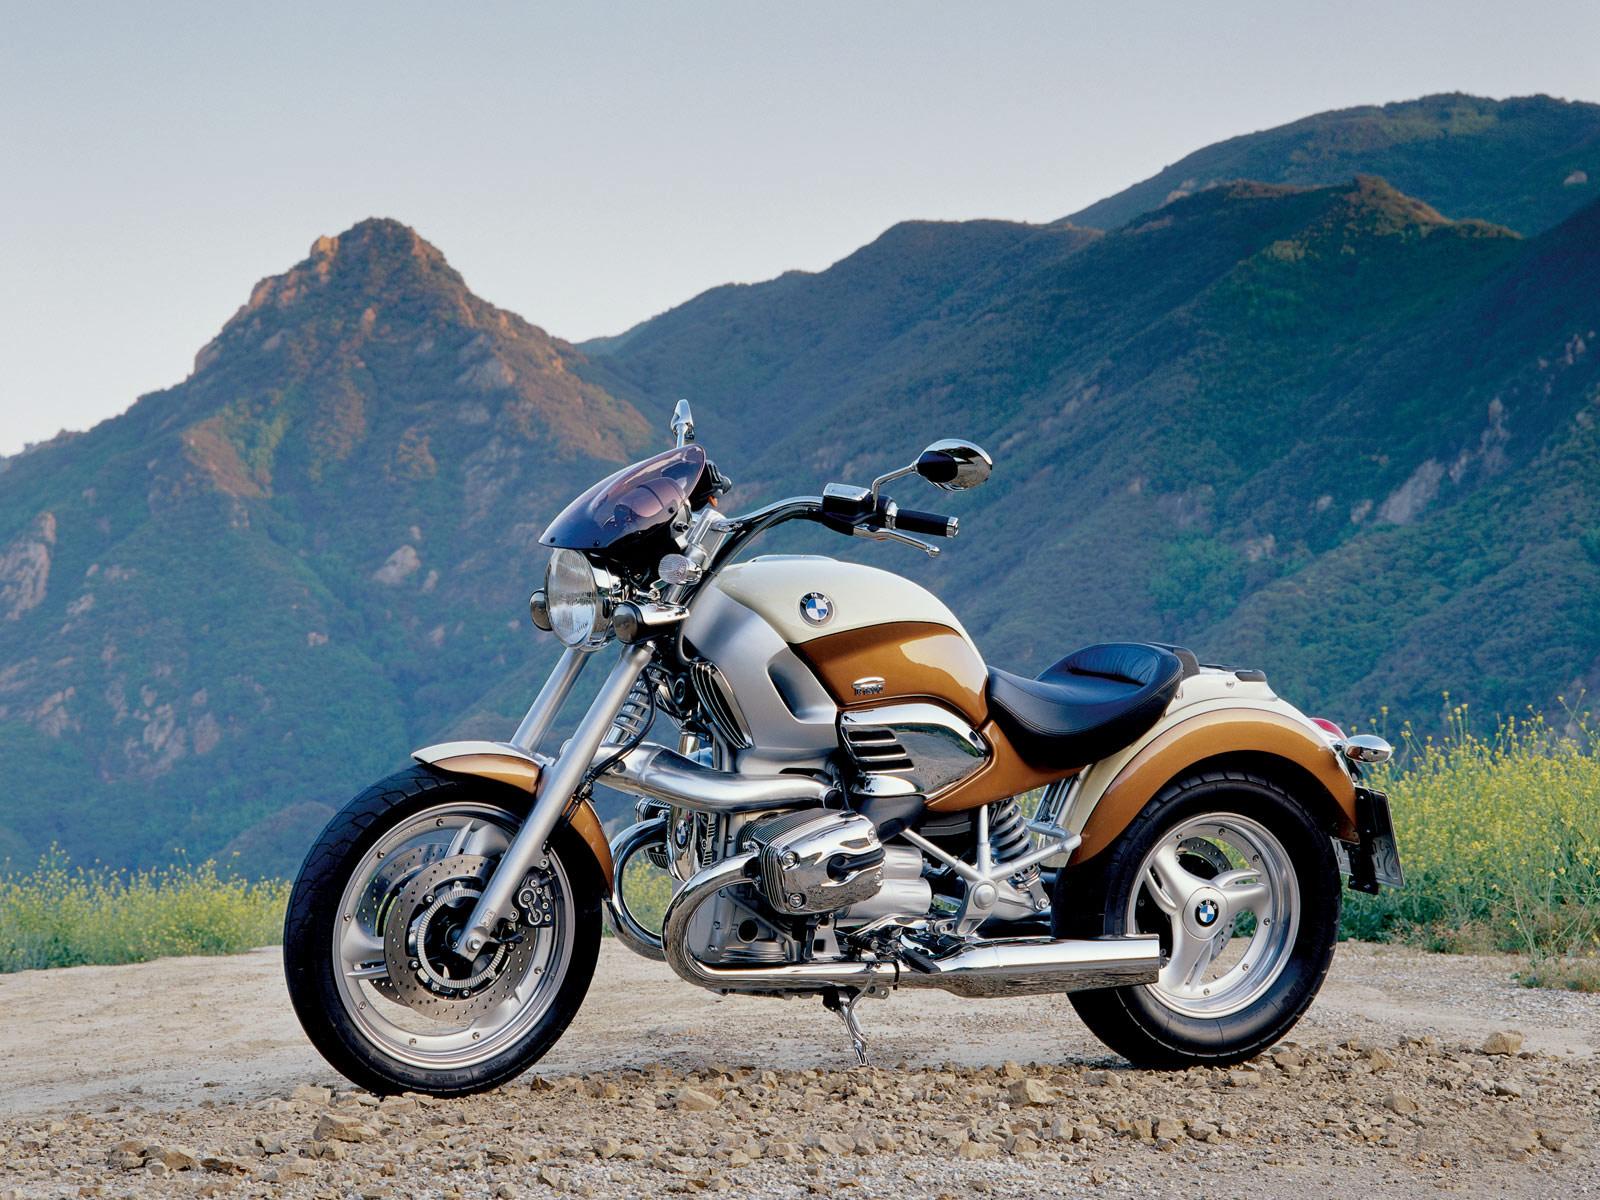 環境、安全に対して高い信頼性を誇る!BMW R1200Cを徹底調査!のサムネイル画像